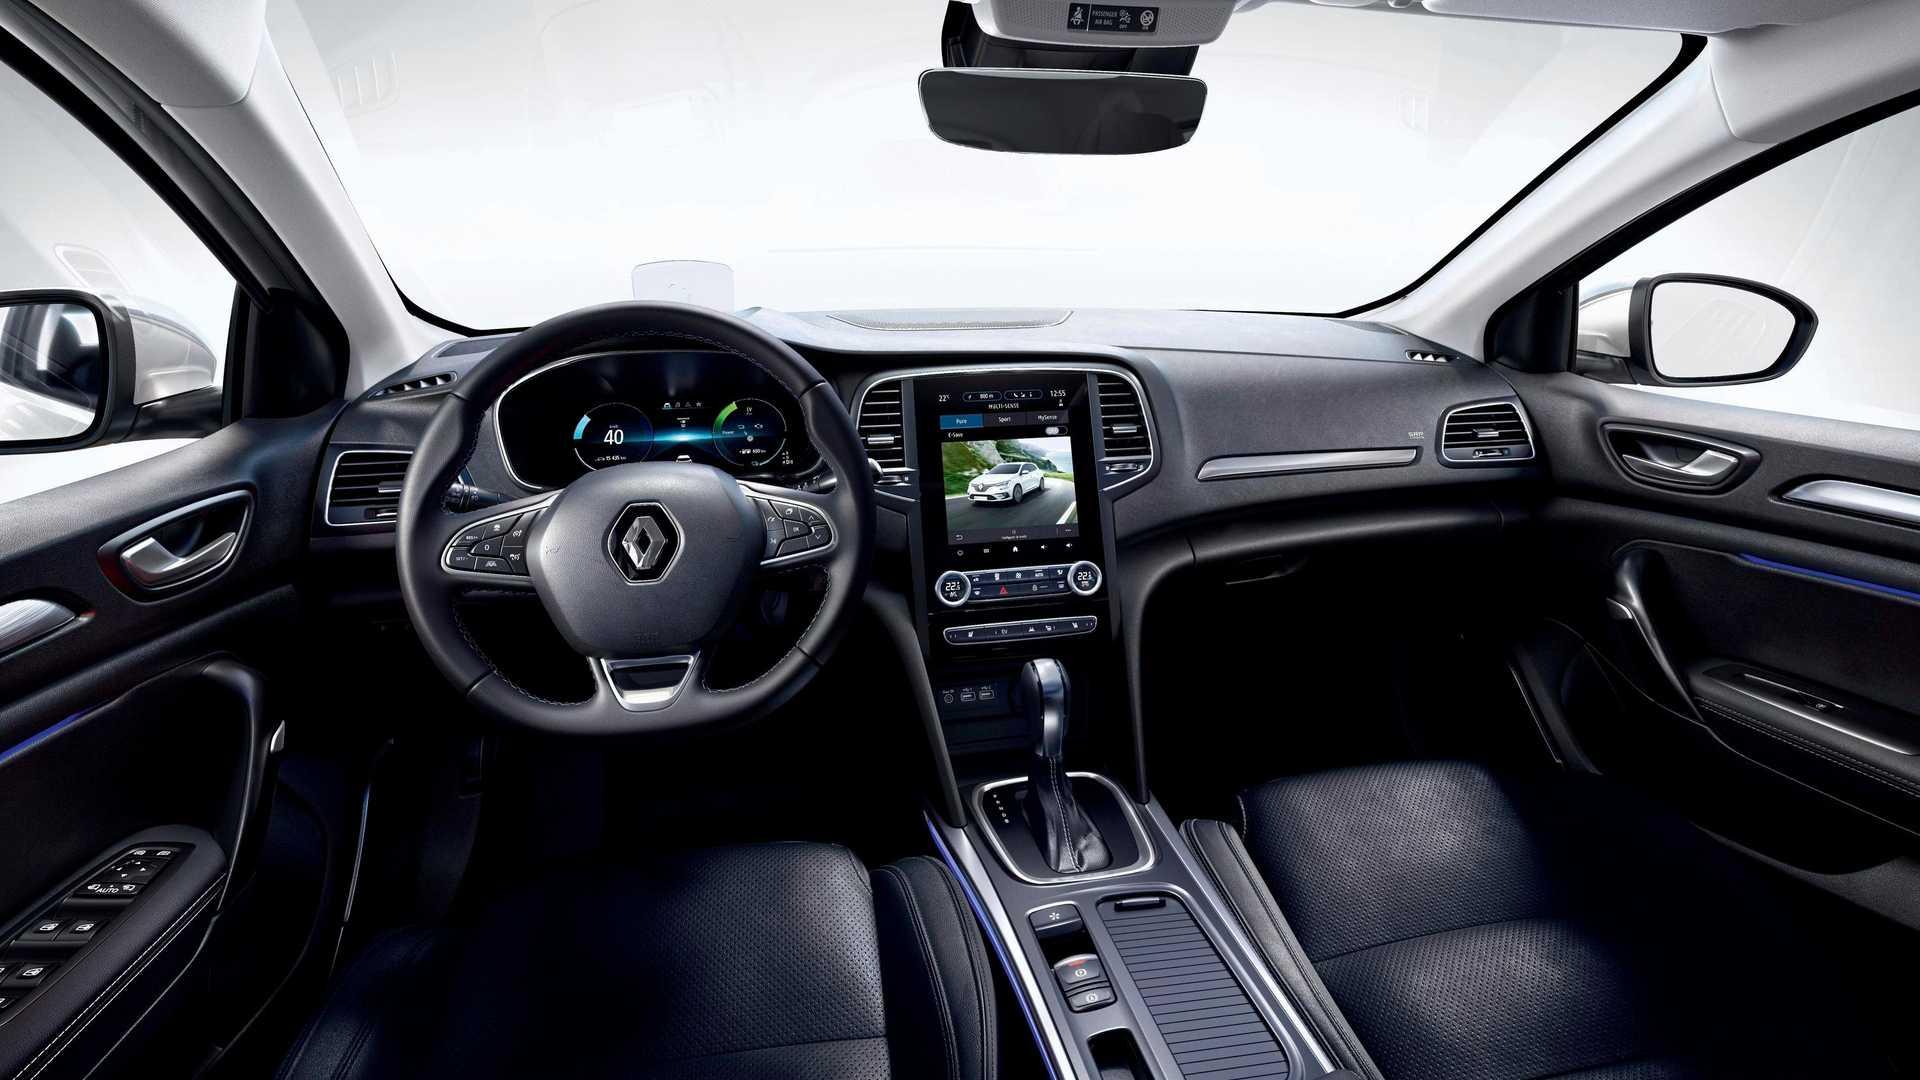 Универсал Renault Megane Estate (см. видео) обрёл гибридную систему E-Tech ещё в прошлом году, а теперь она досталась и хэтчбеку.